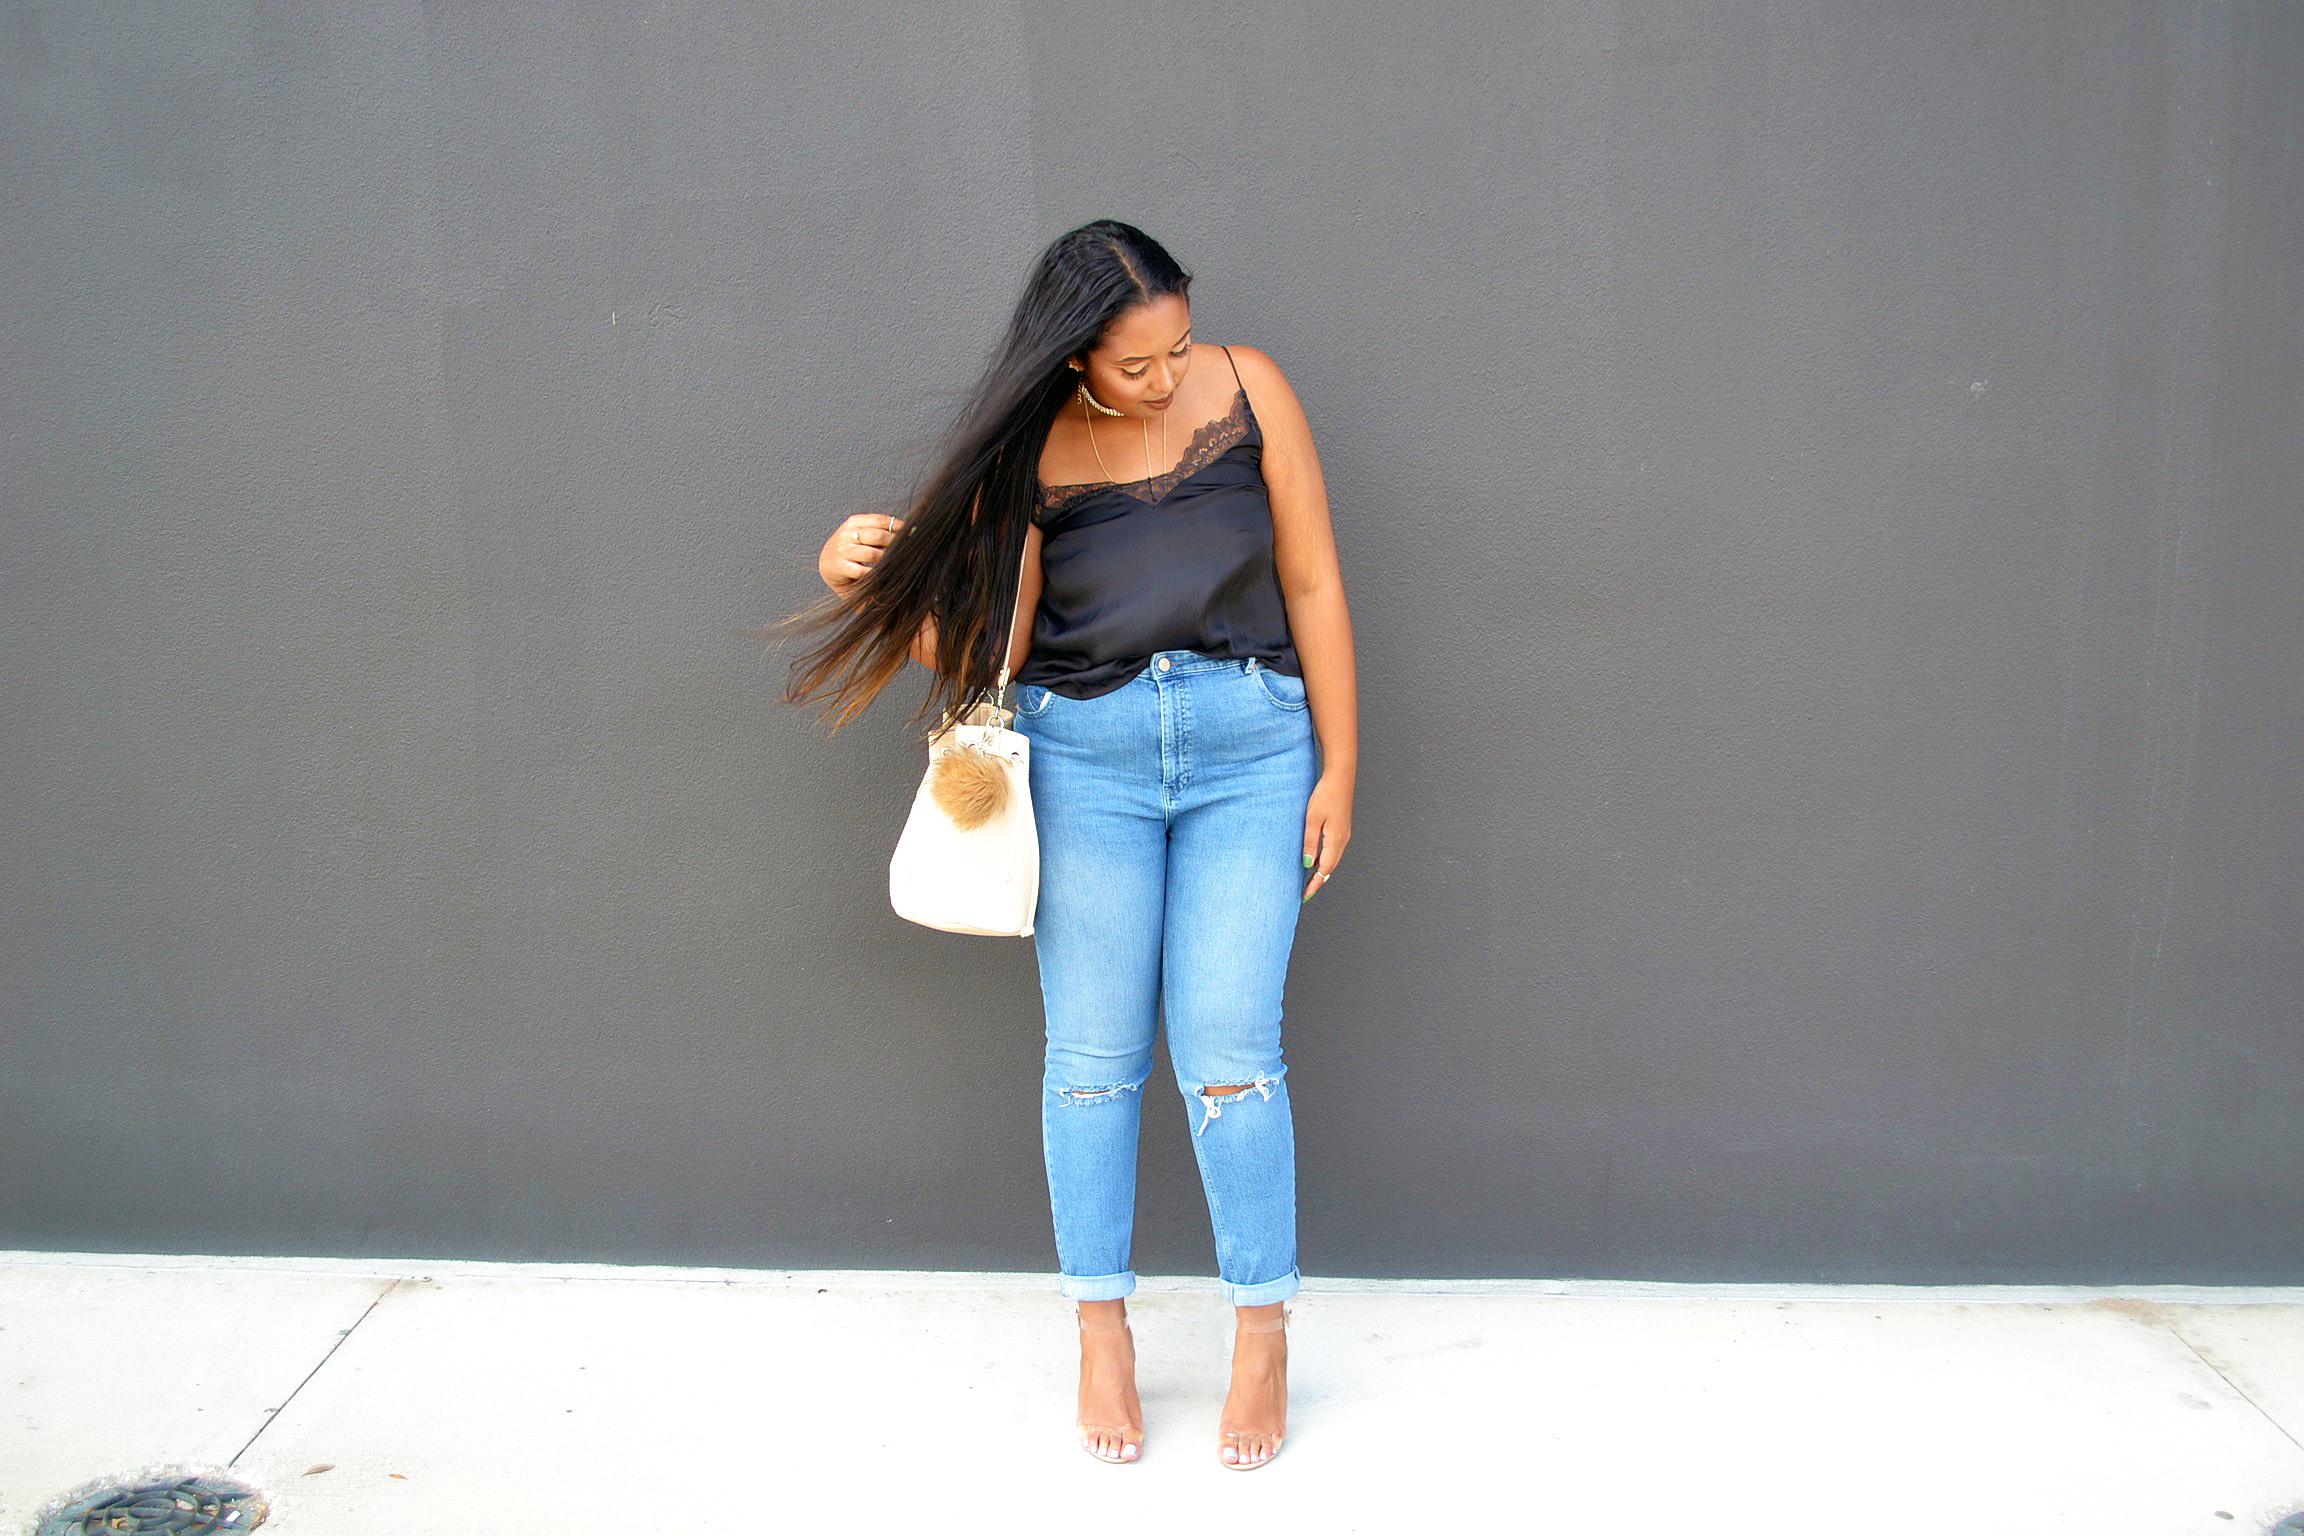 OOTD: Mom Jeans